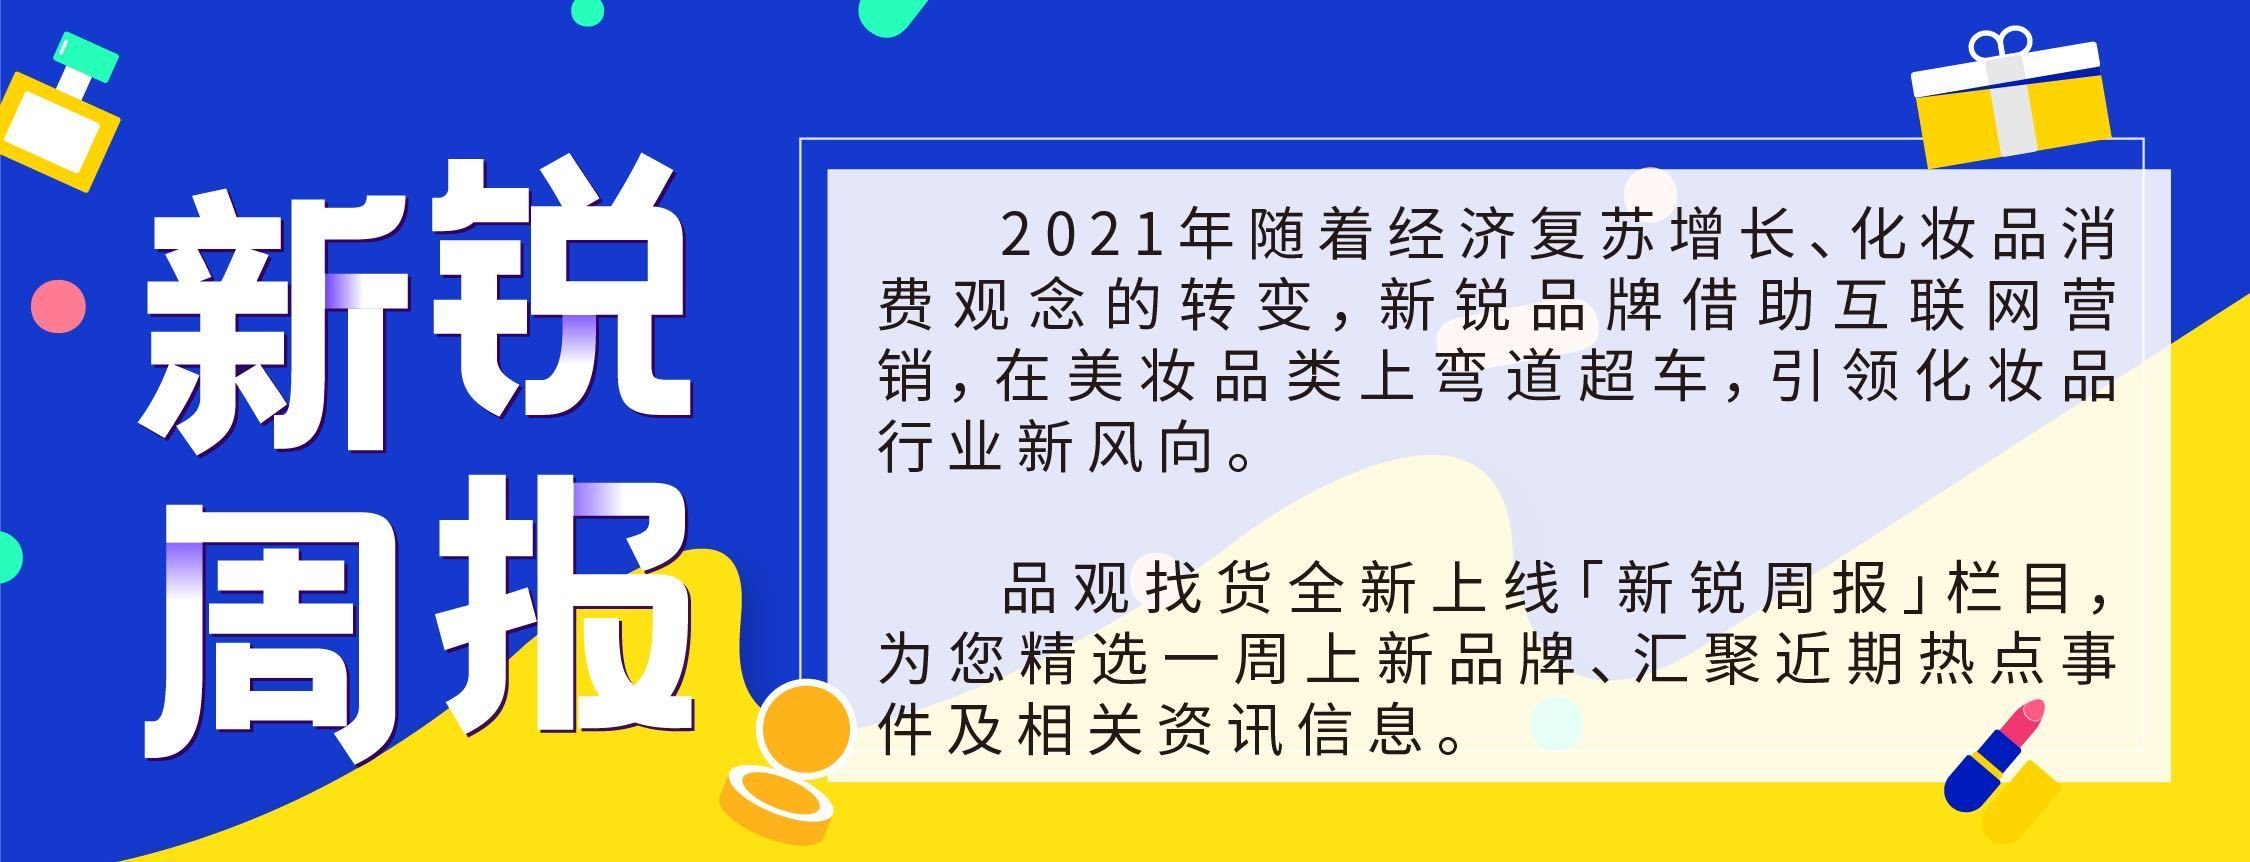 微信图片_20210629165628.jpg